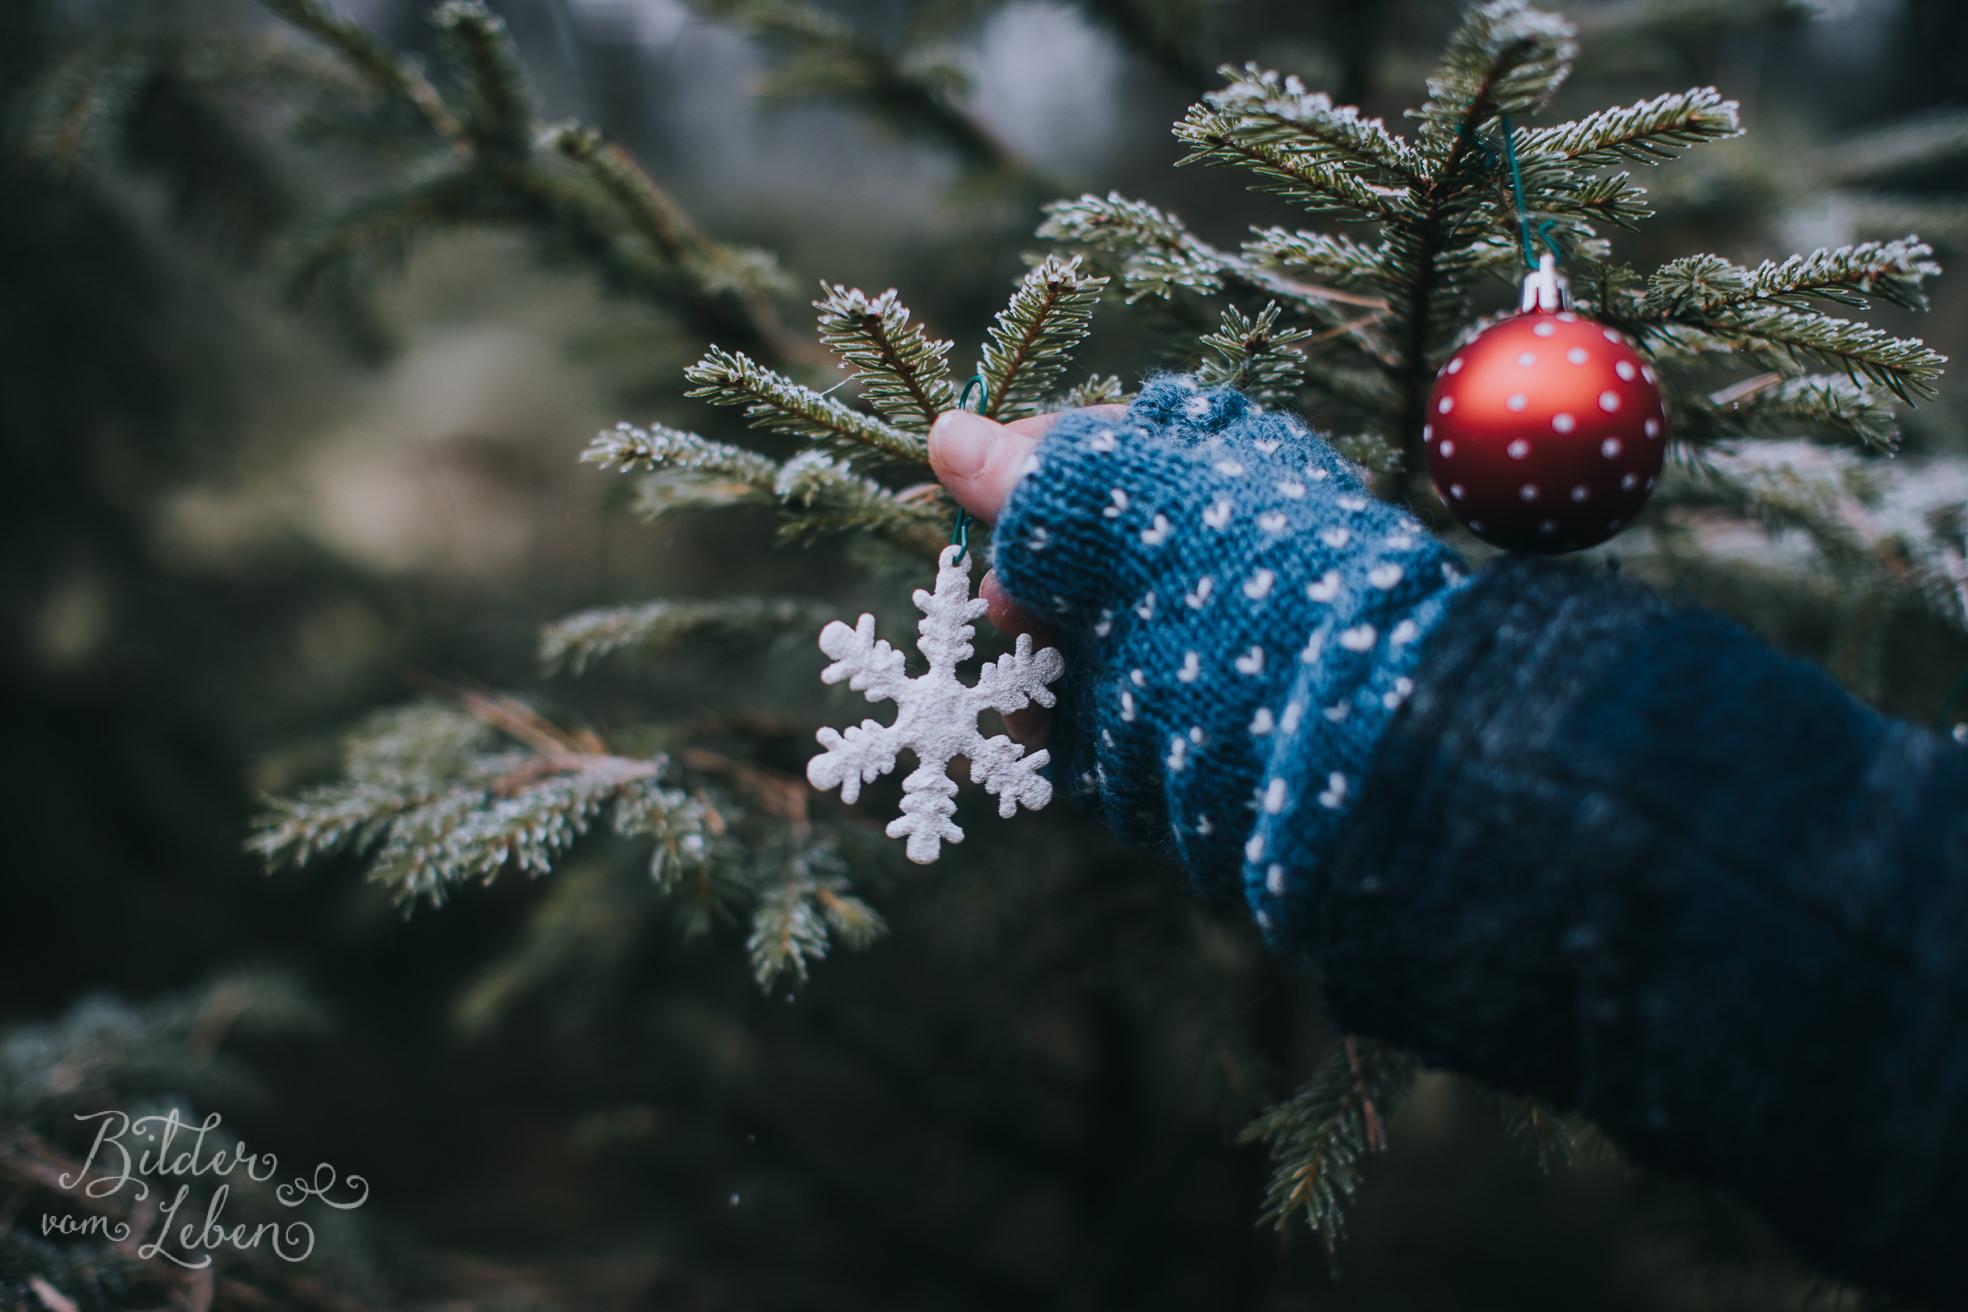 0028weihnachten-bildervomleben-imc39593